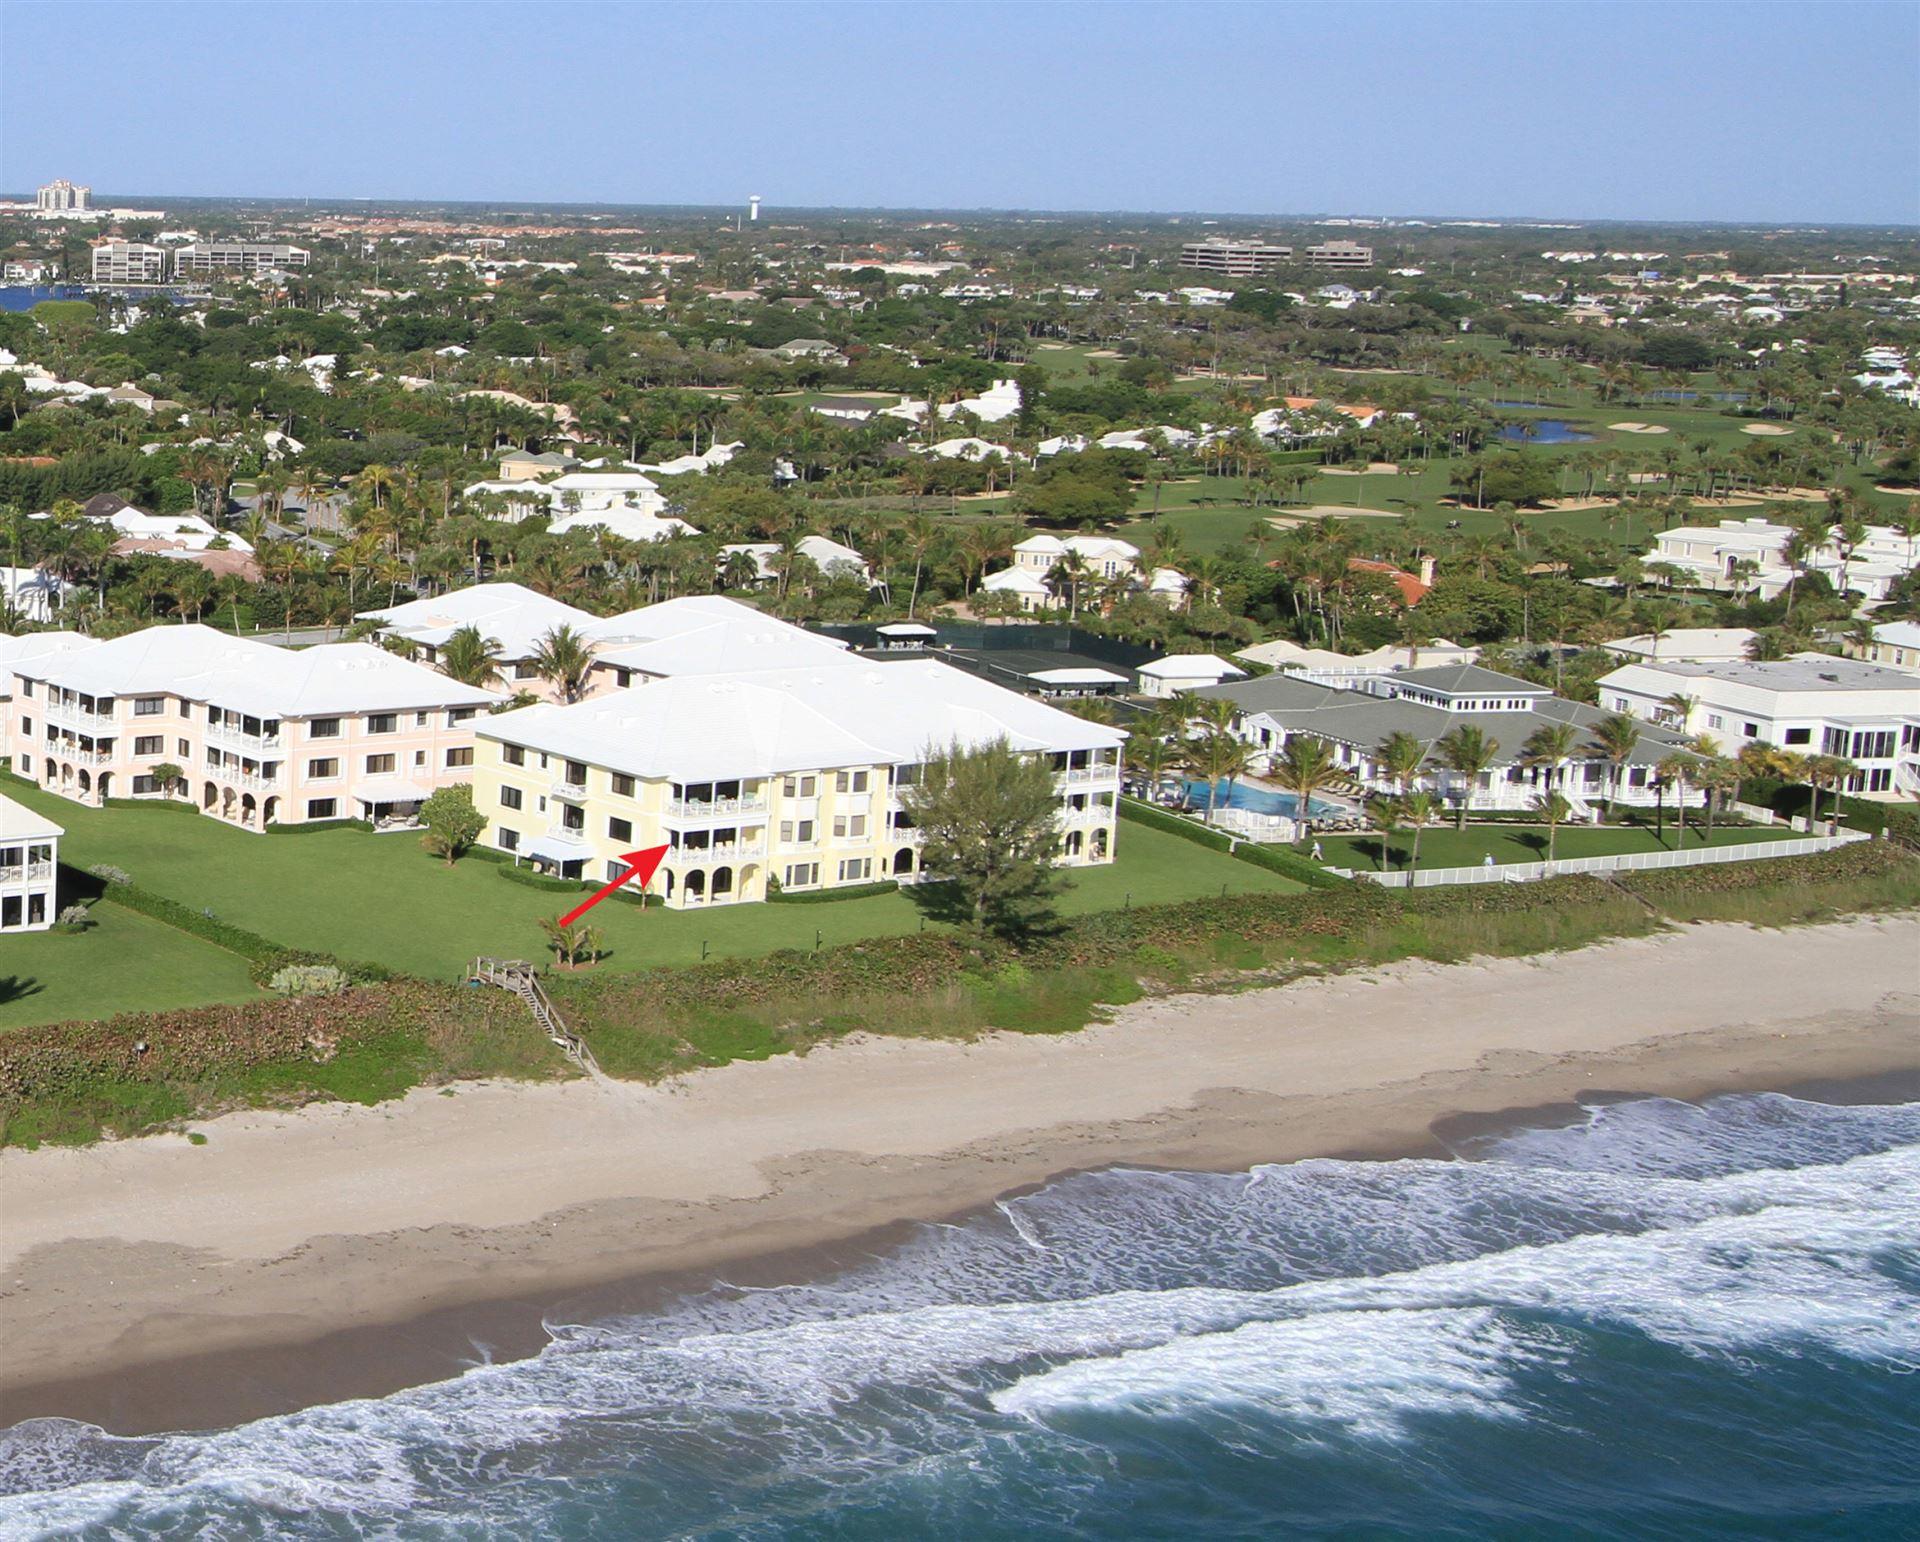 11188 Turtle Beach Road #203-A, North Palm Beach, FL 33408 - #: RX-10606477